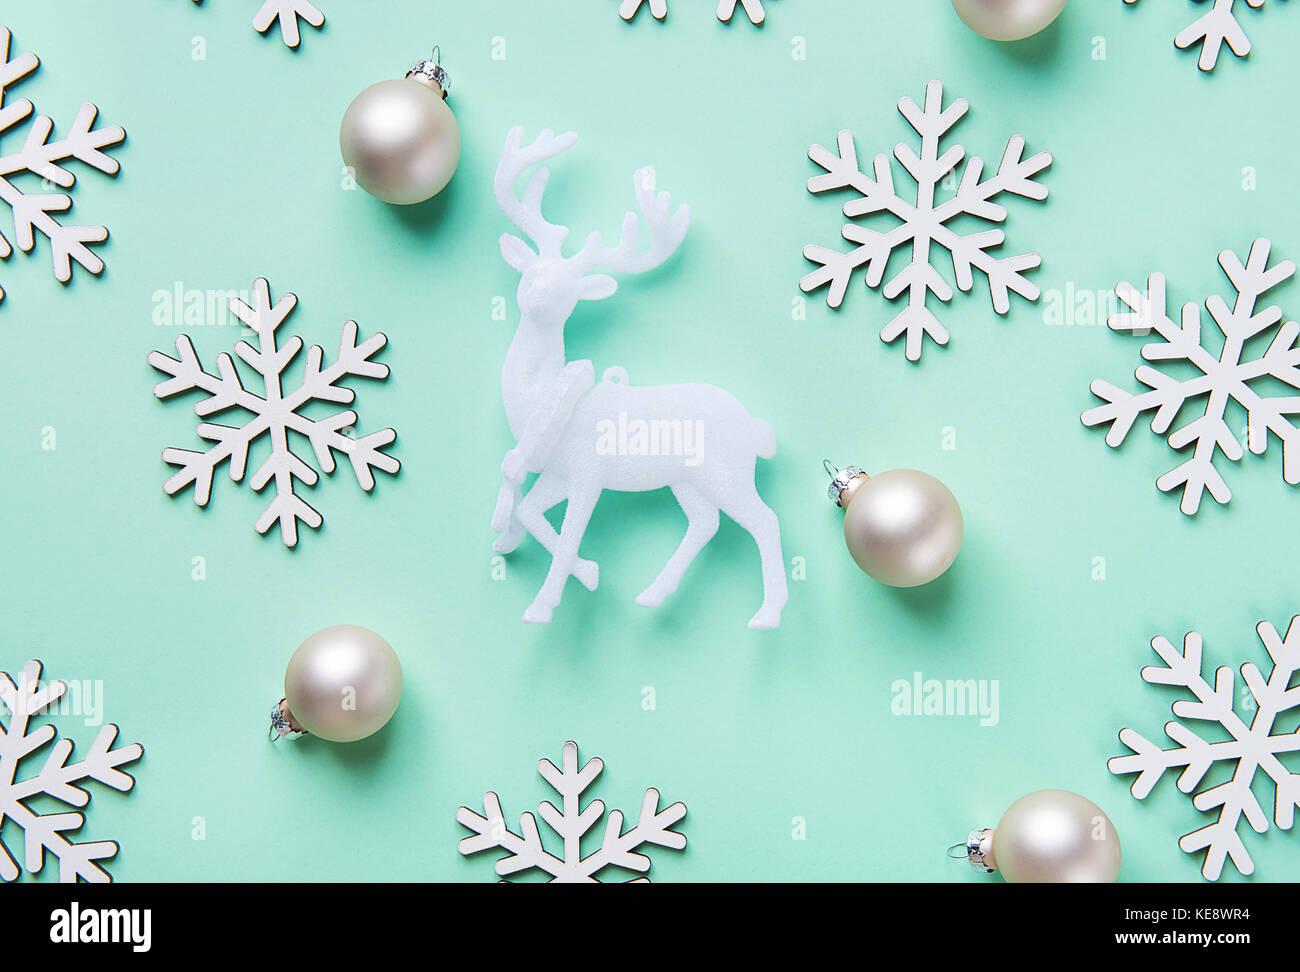 Navidad elegante tarjeta de felicitación de Año Nuevo póster de renos blancos copos de nieve bolas Imagen De Stock